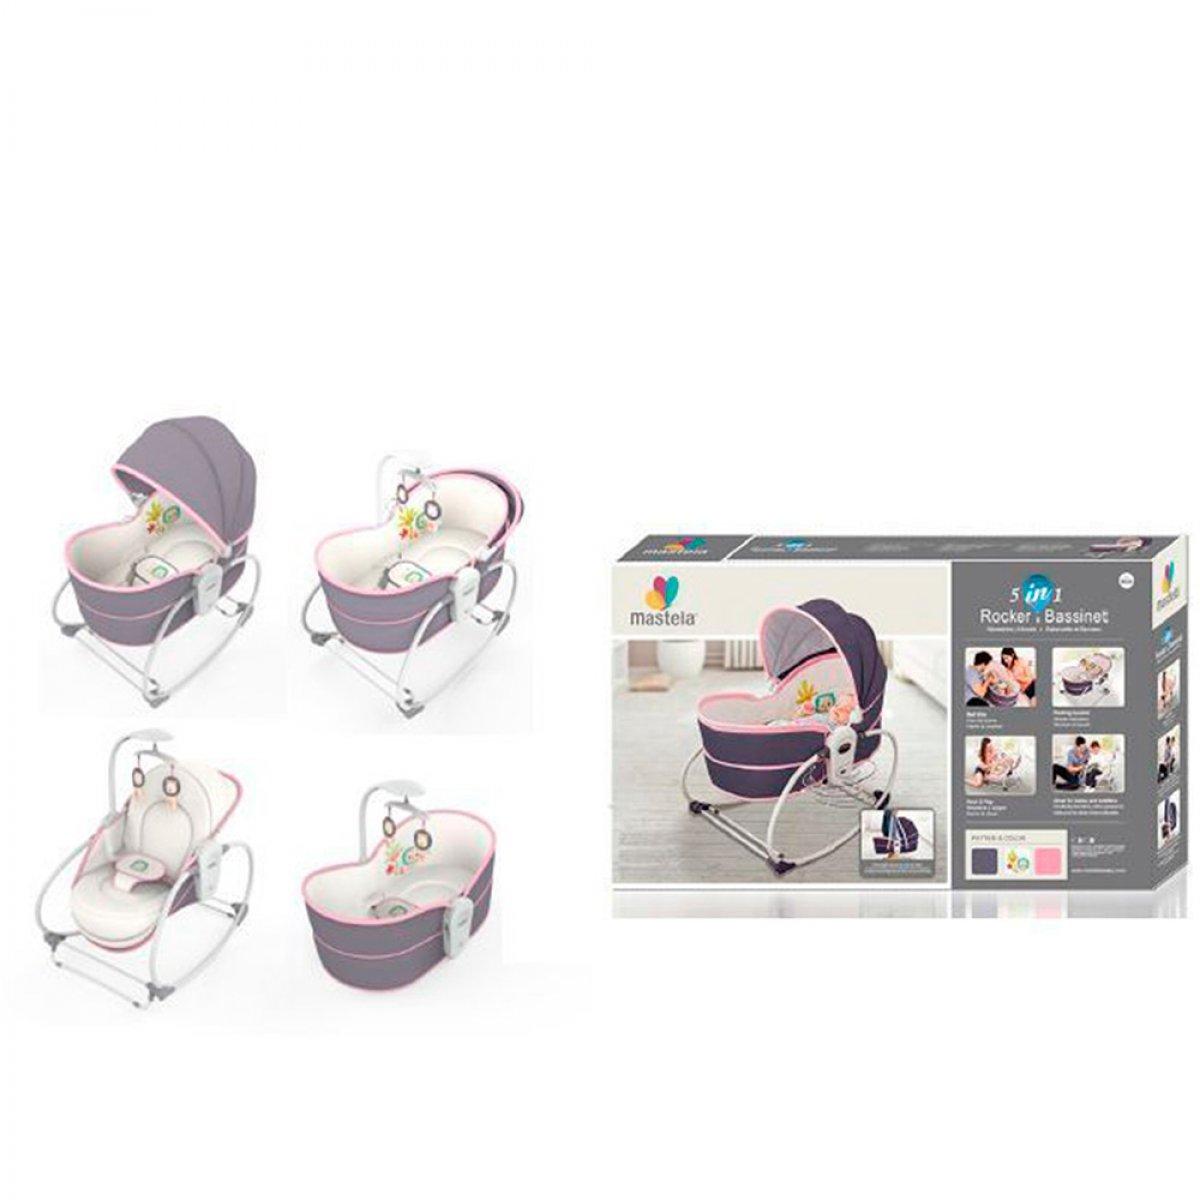 Кресло- качалка люлька - баунсер Mastela 5 в 1 для новорожденной девочки